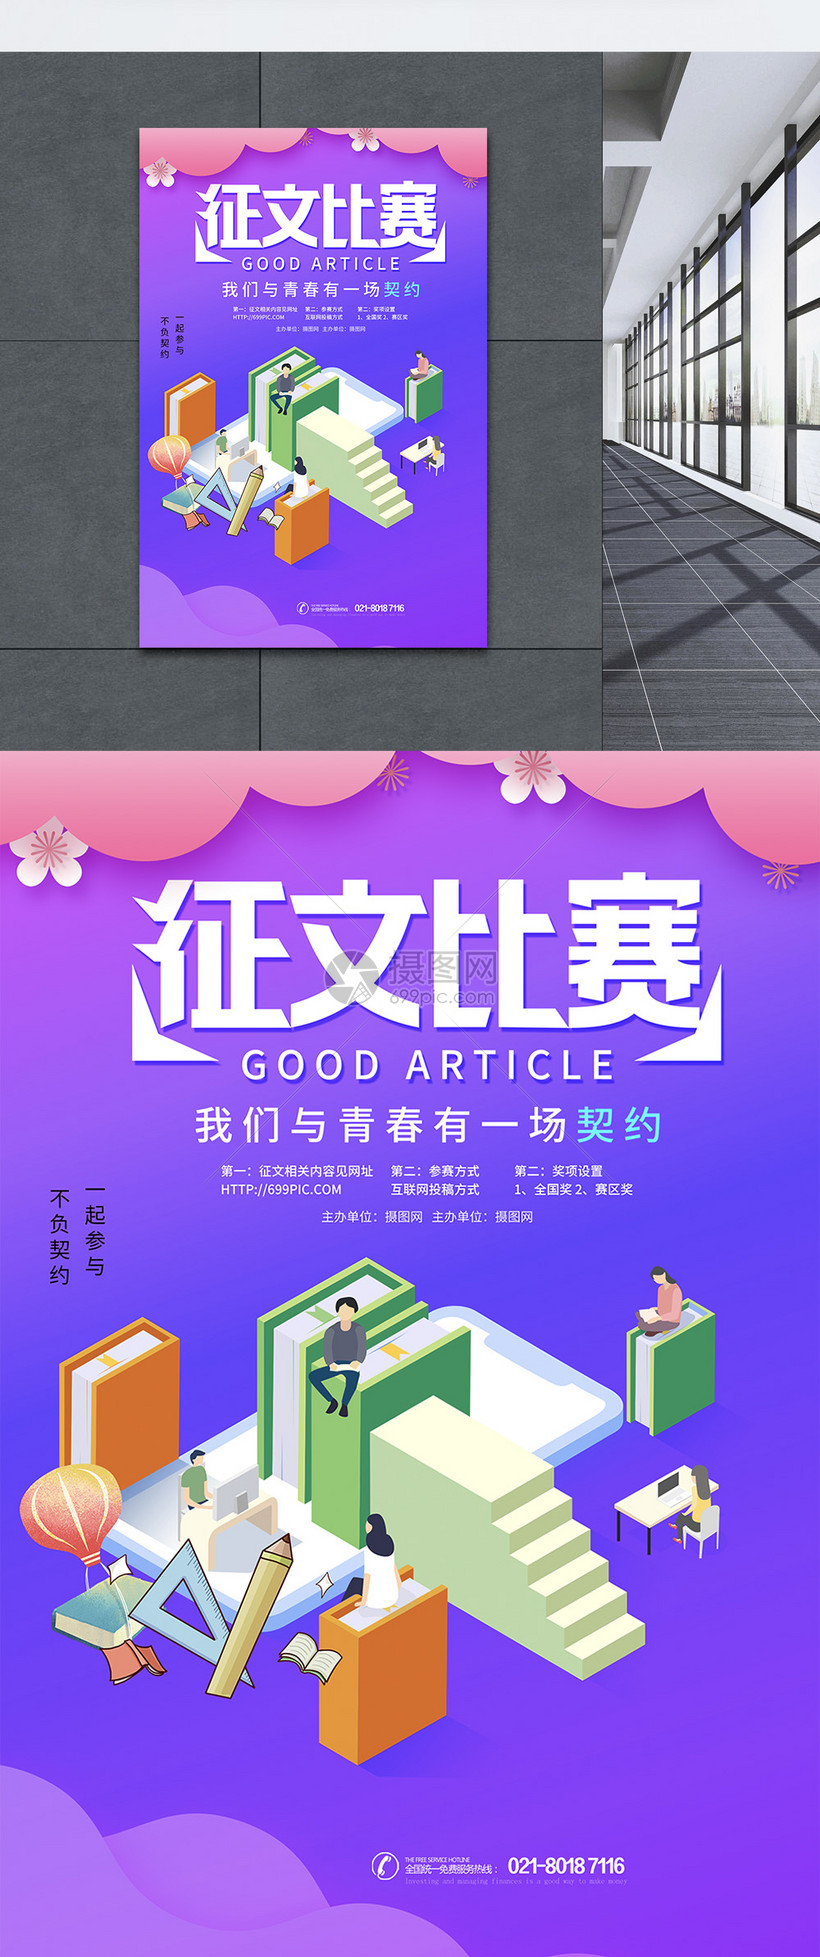 五一征文_征文比赛海报模板素材-正版图片400953762-摄图网